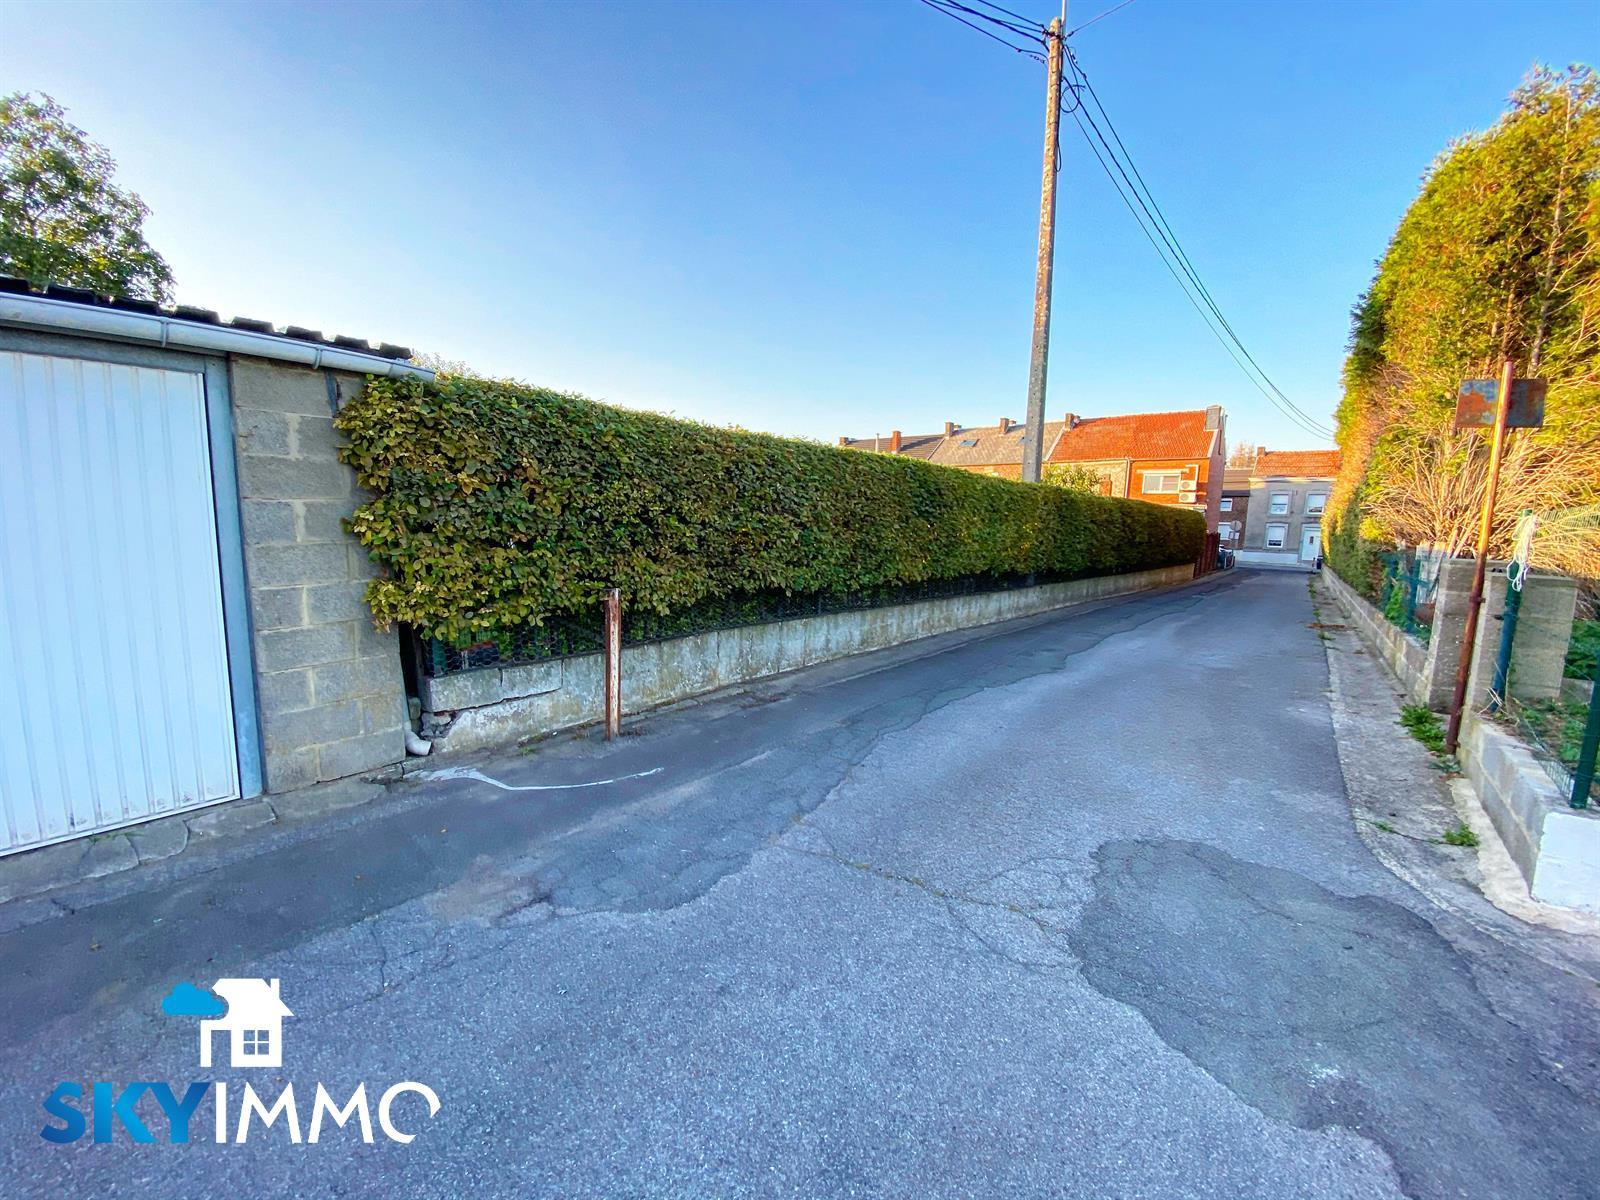 Maison - Saint-Georges-sur-Meuse - #4149456-20